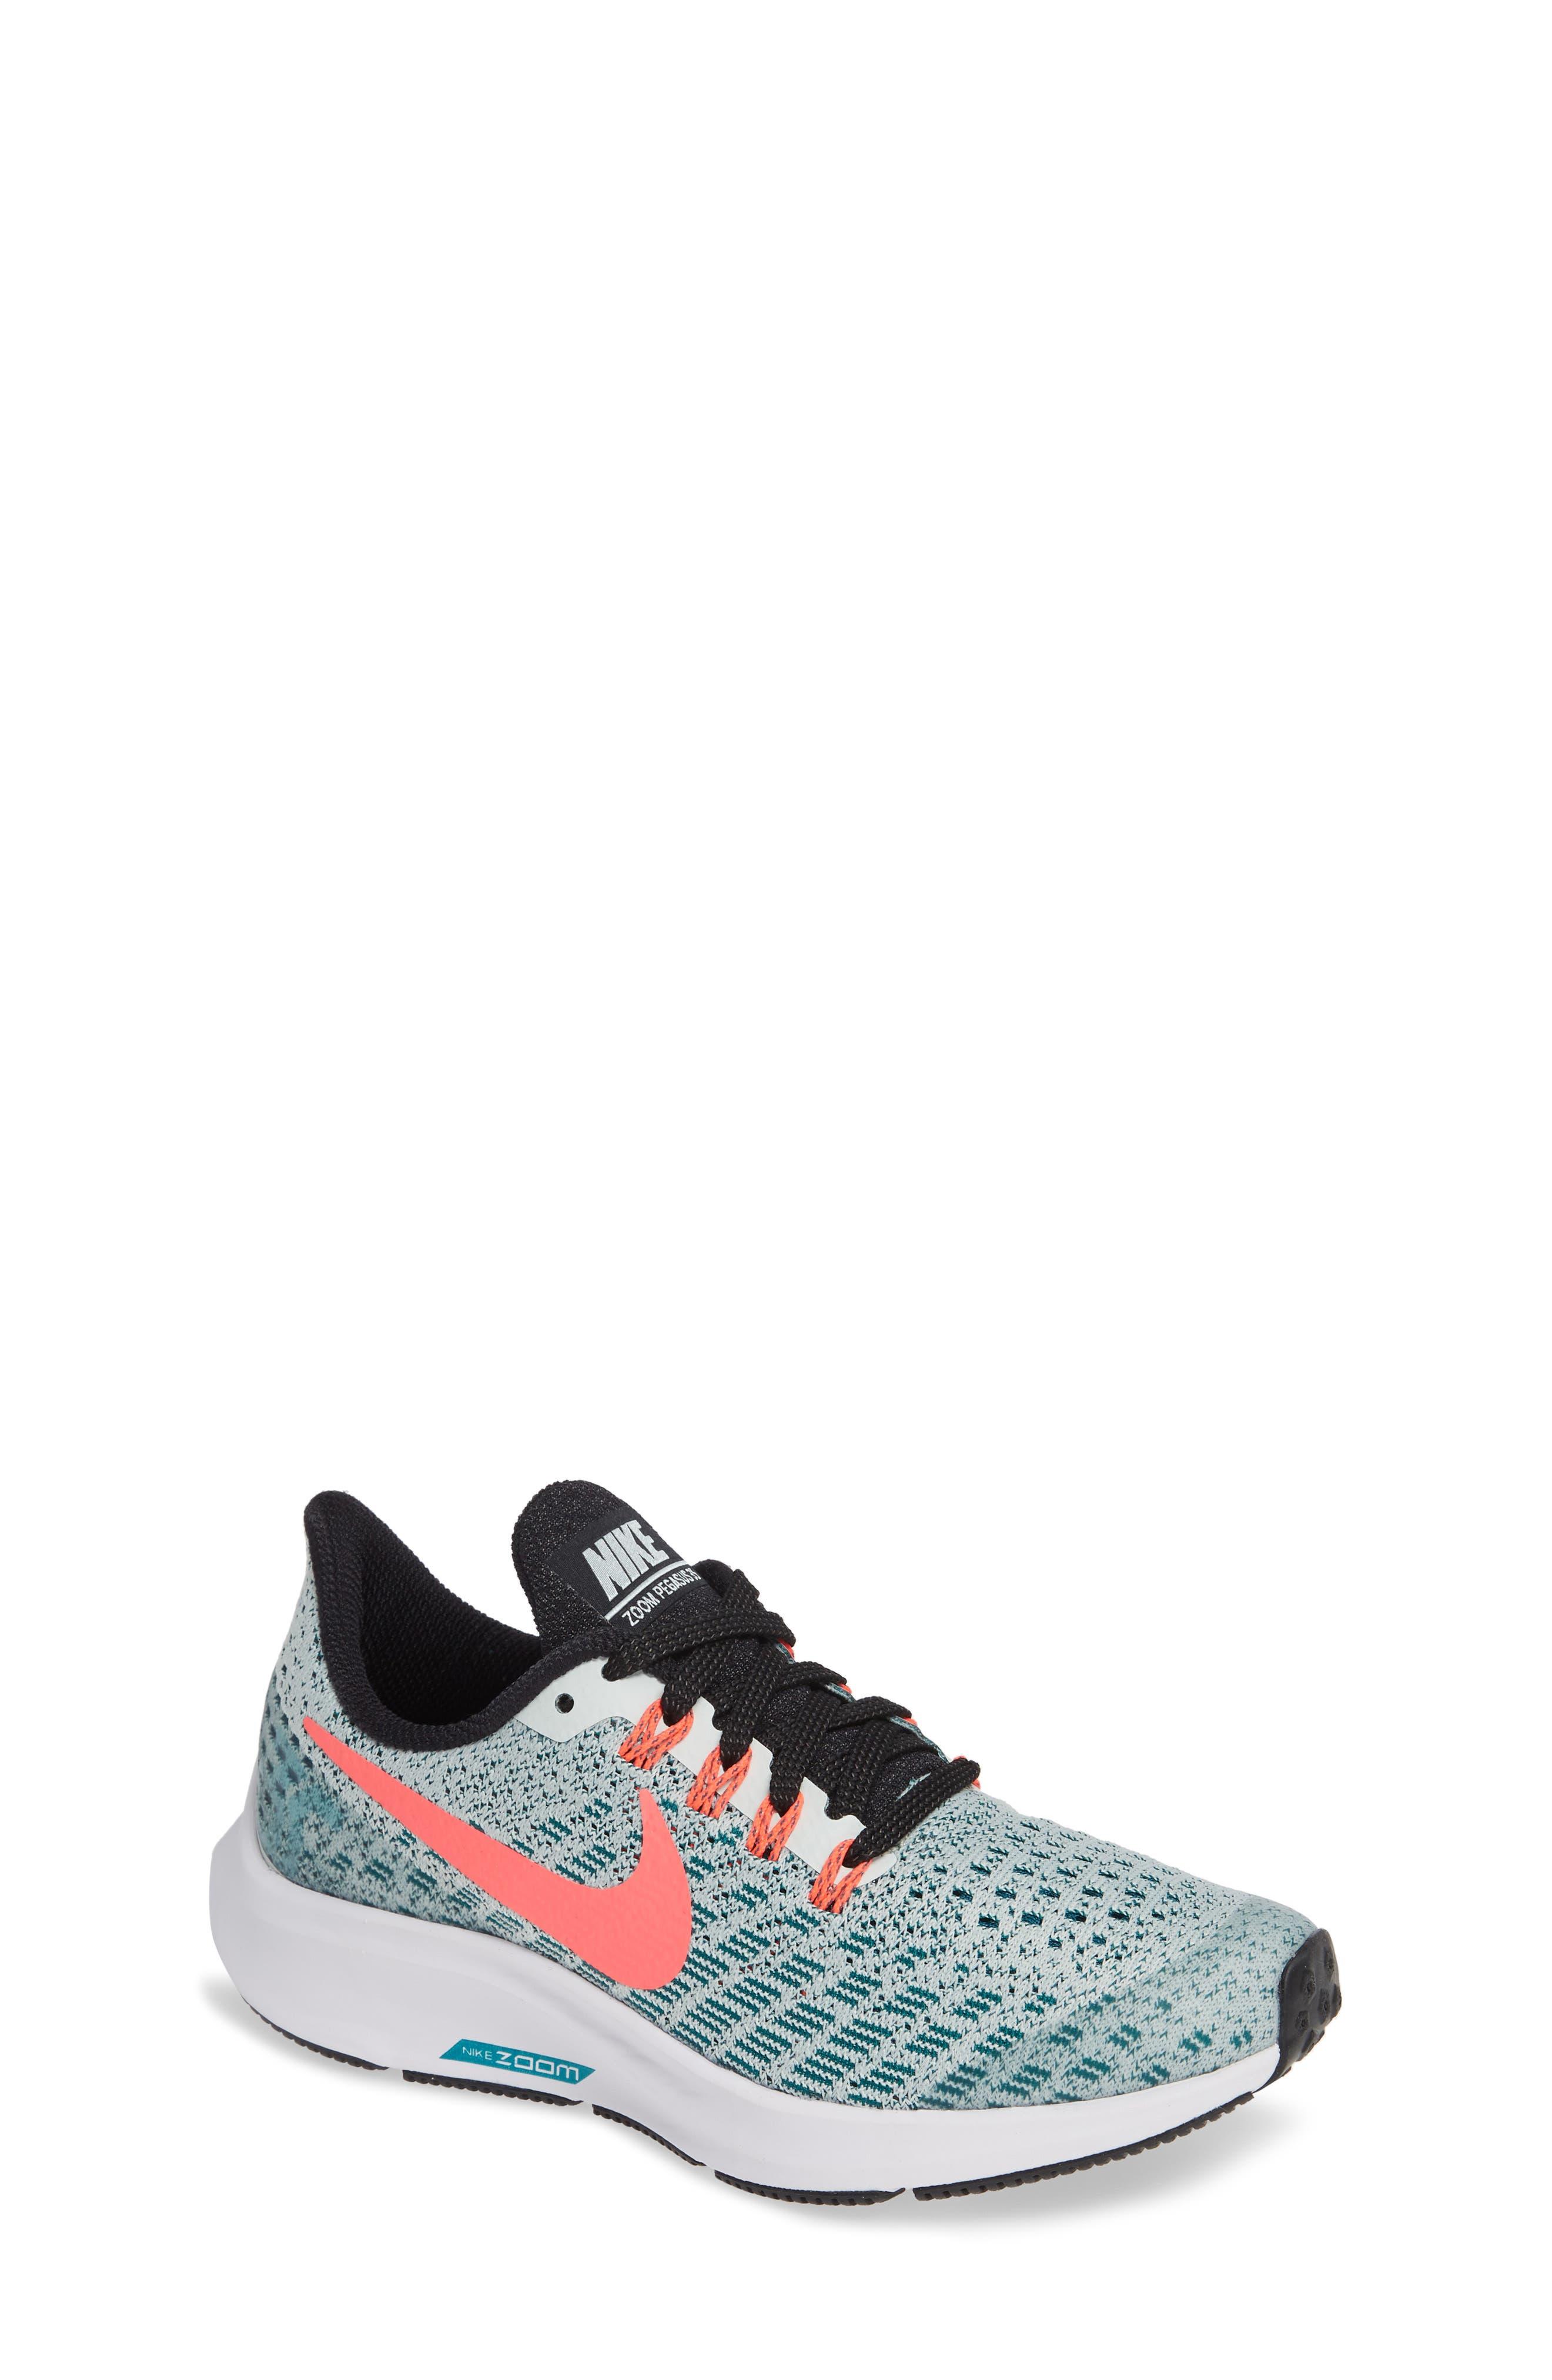 Air Zoom Pegasus 35 Sneaker,                             Main thumbnail 1, color,                             Grey/ Hot Punch/ Teal/ Black